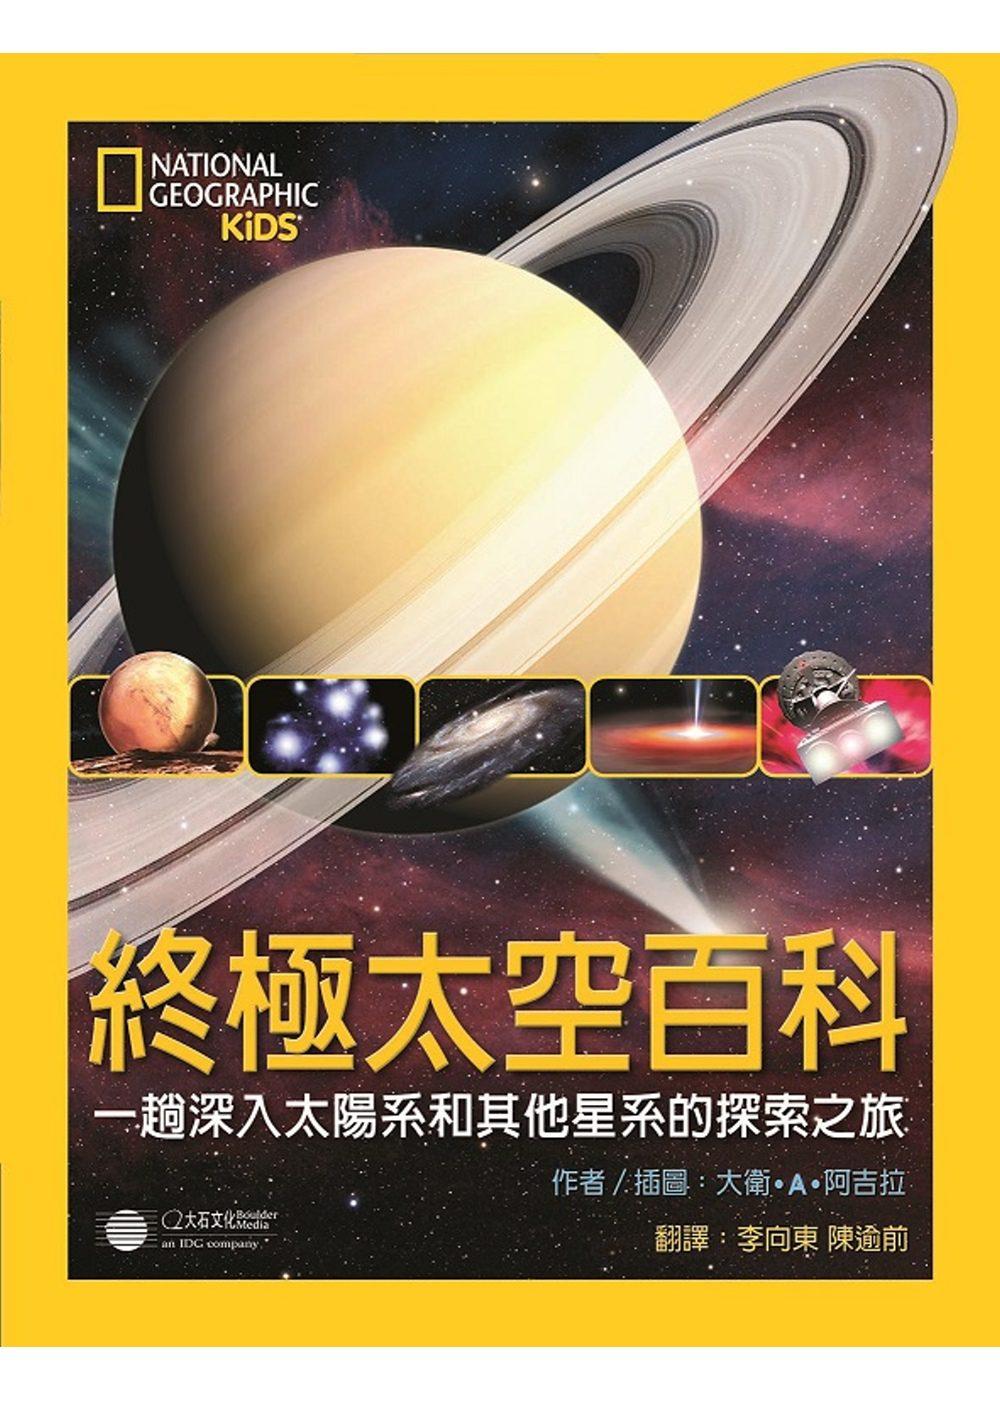 終極太空百科